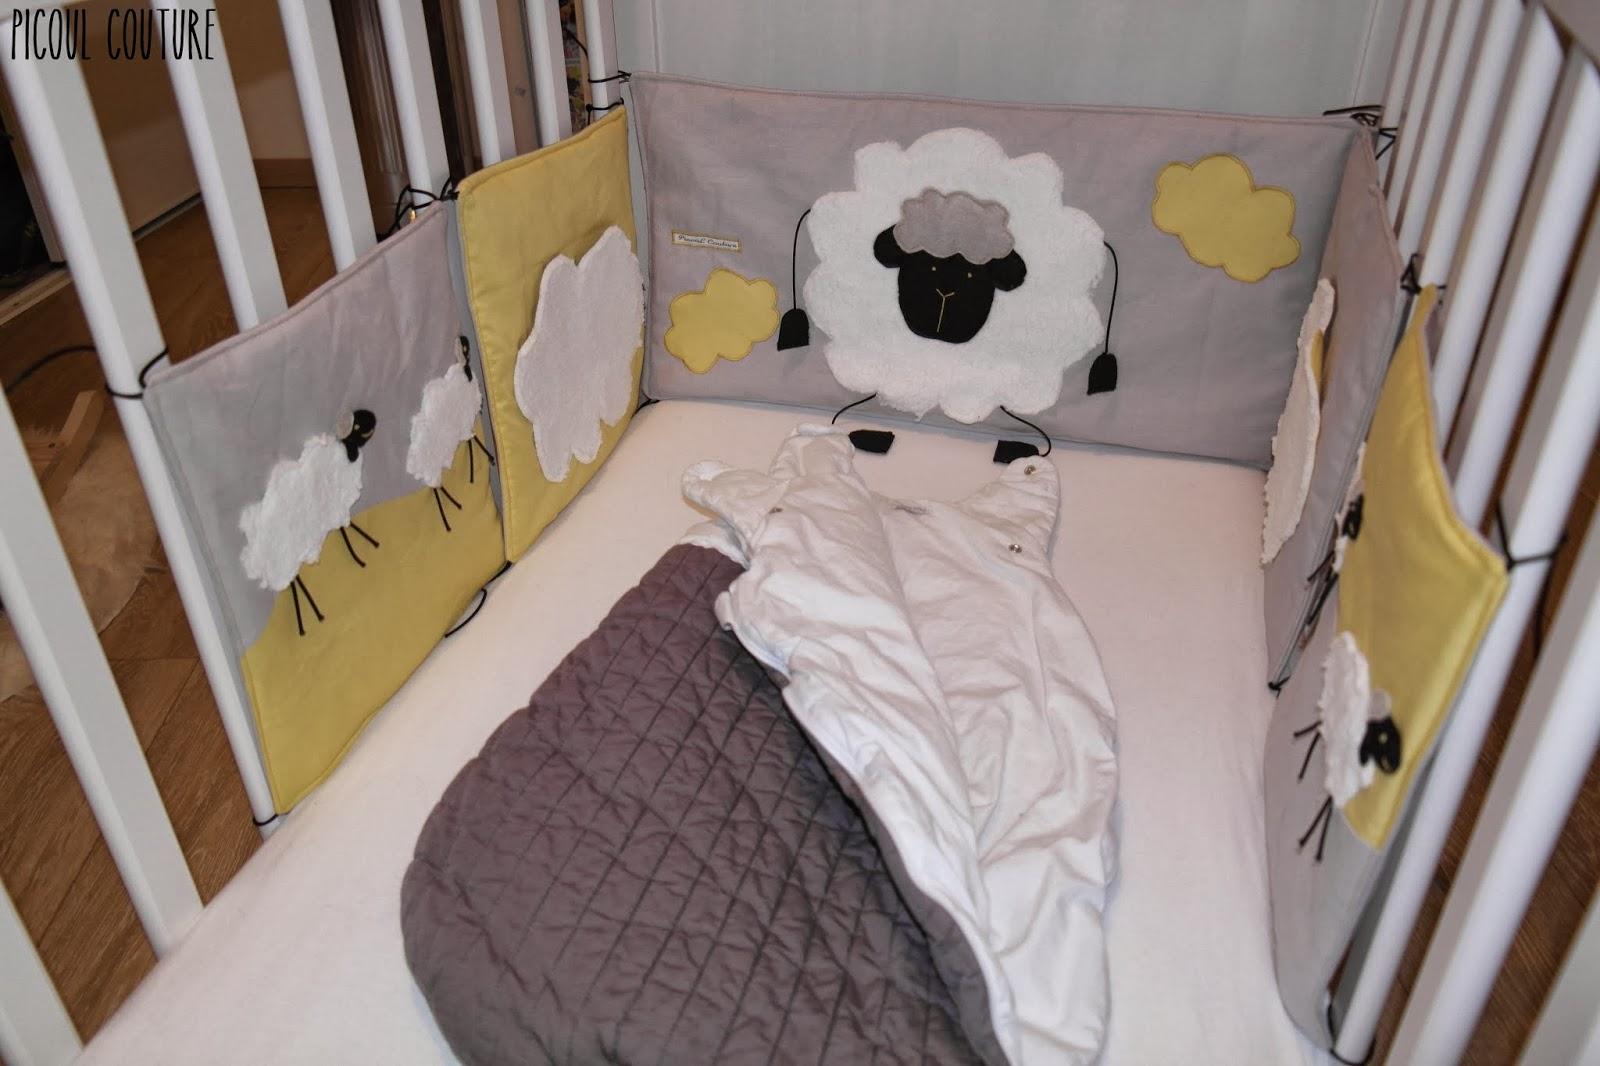 picoul couture le tour de lit sur le th me moutons et nuages. Black Bedroom Furniture Sets. Home Design Ideas